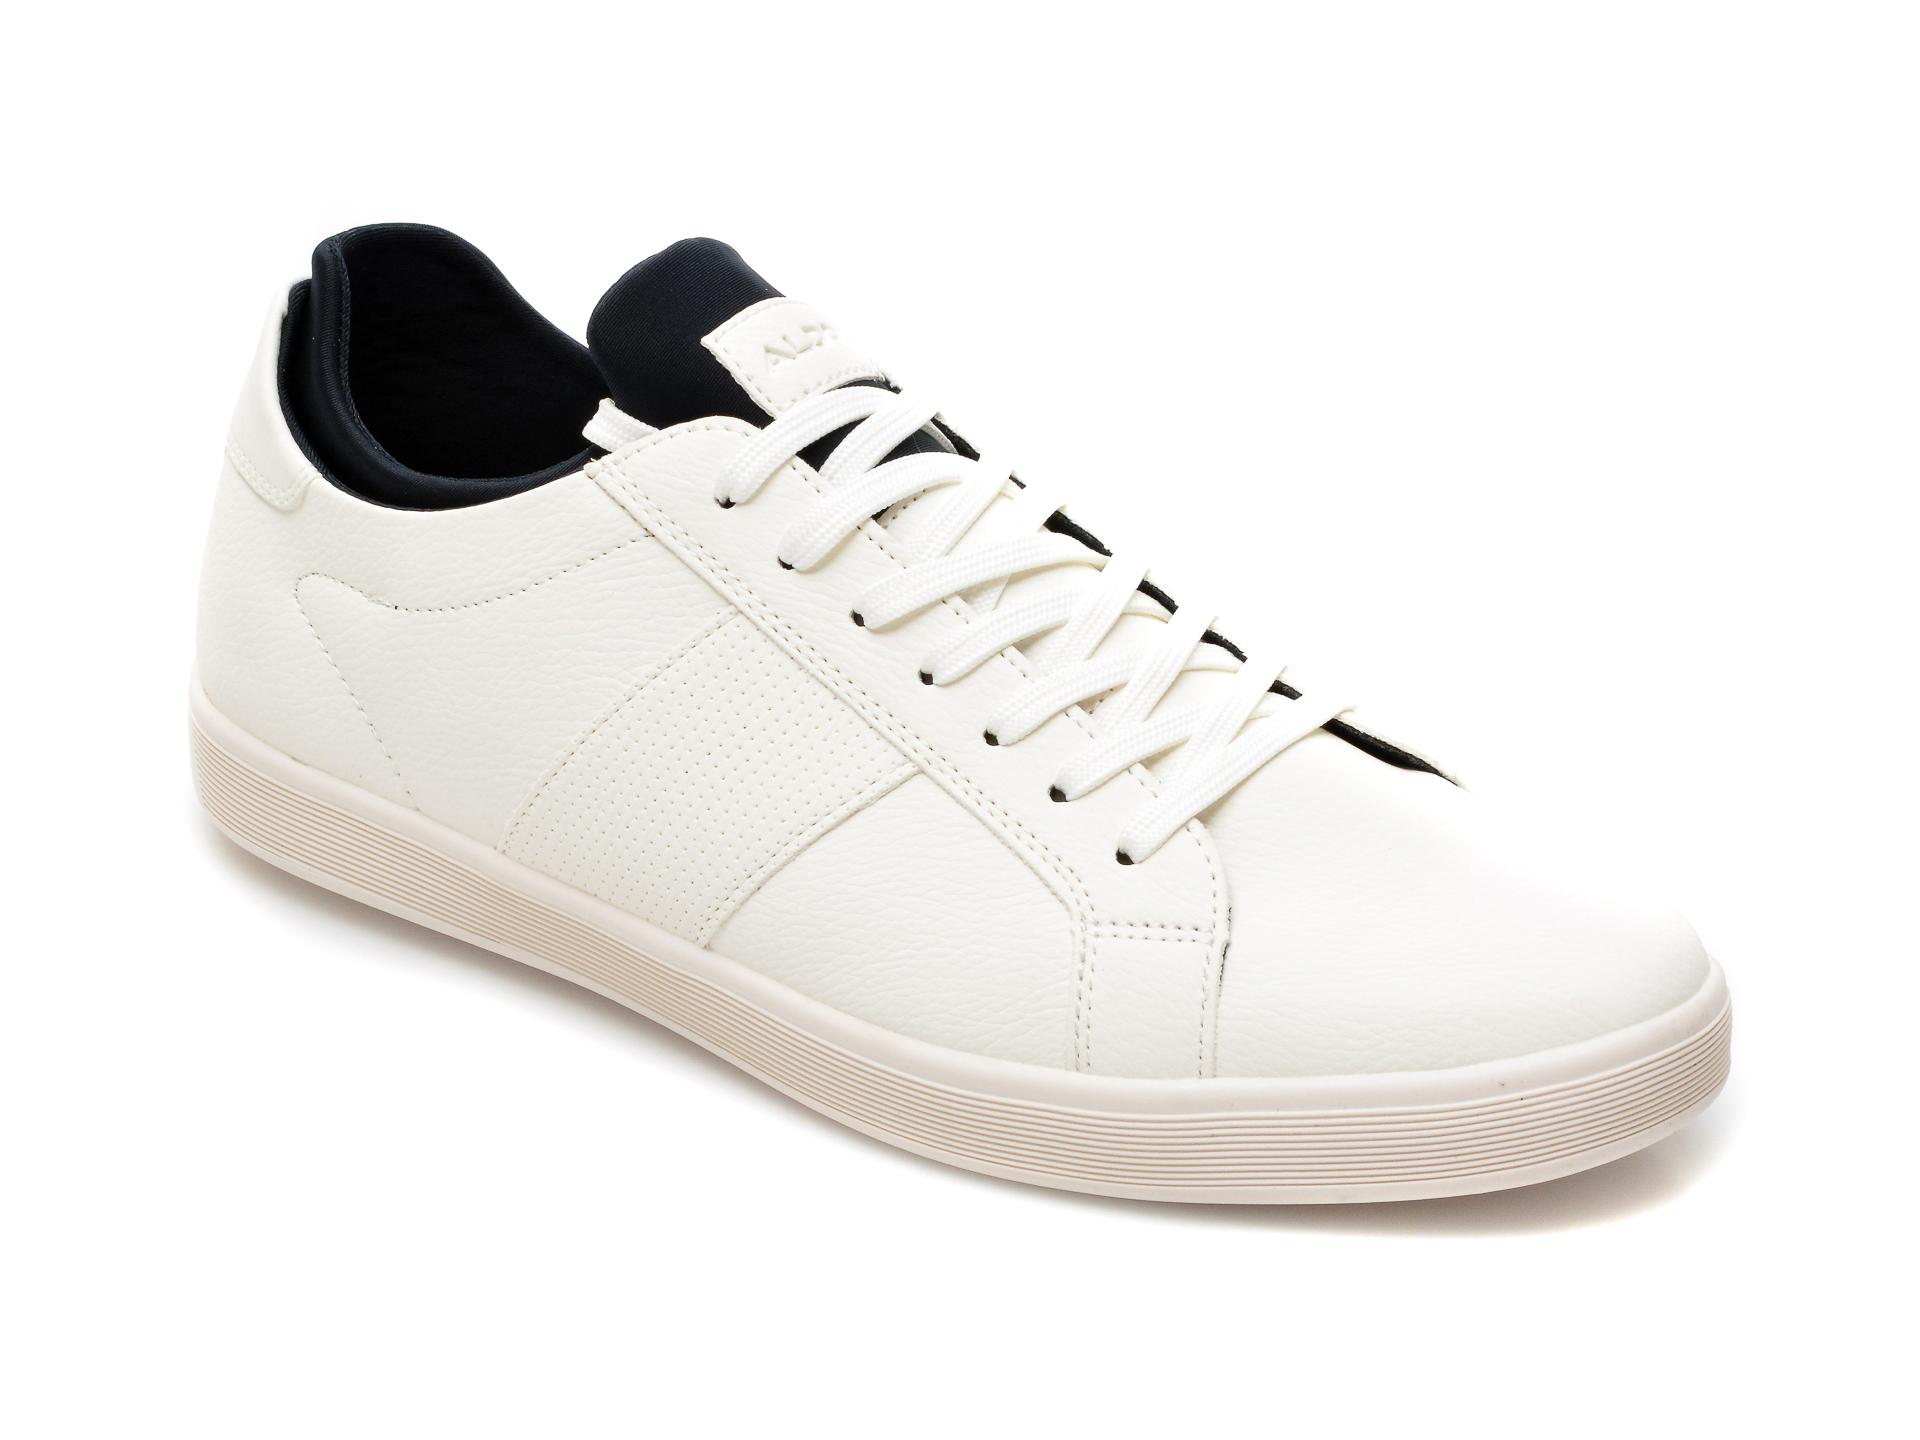 Pantofi ALDO albi, Prayrien100, din piele ecologica imagine